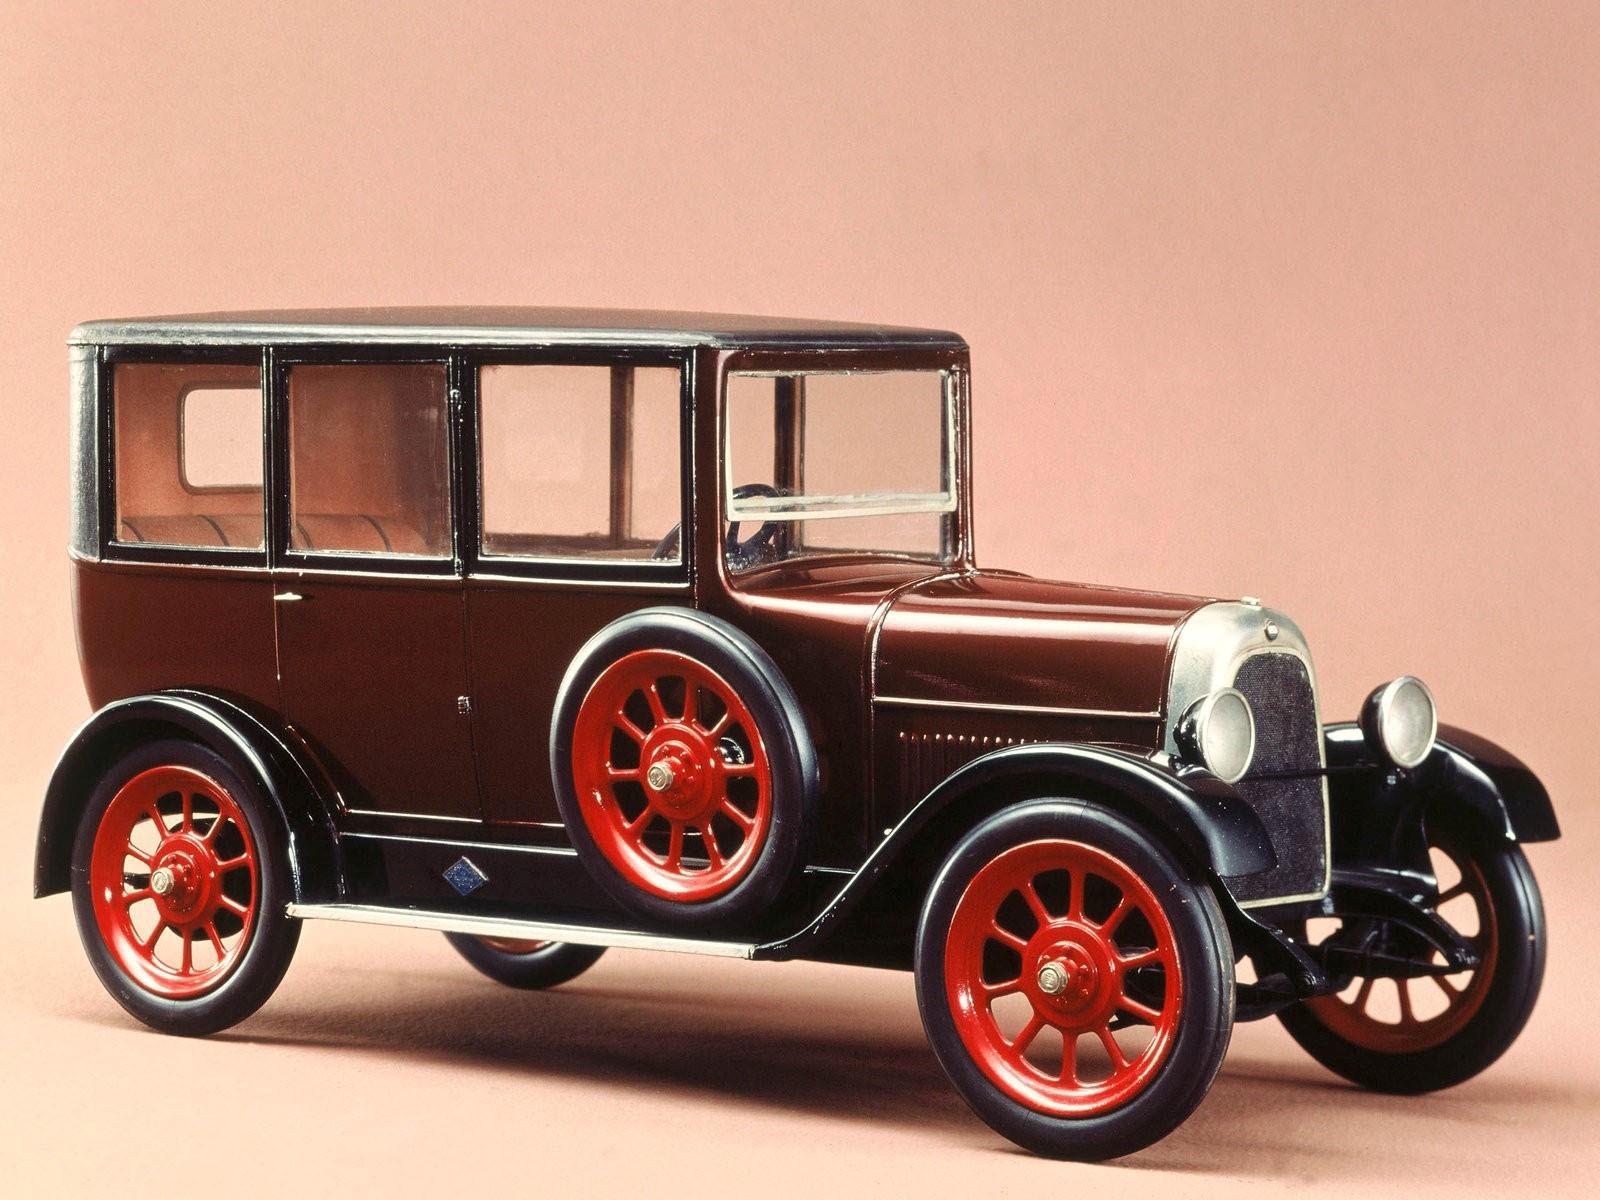 بالصور سيارات قديمة , عربيات موديلات قديمة 2246 3